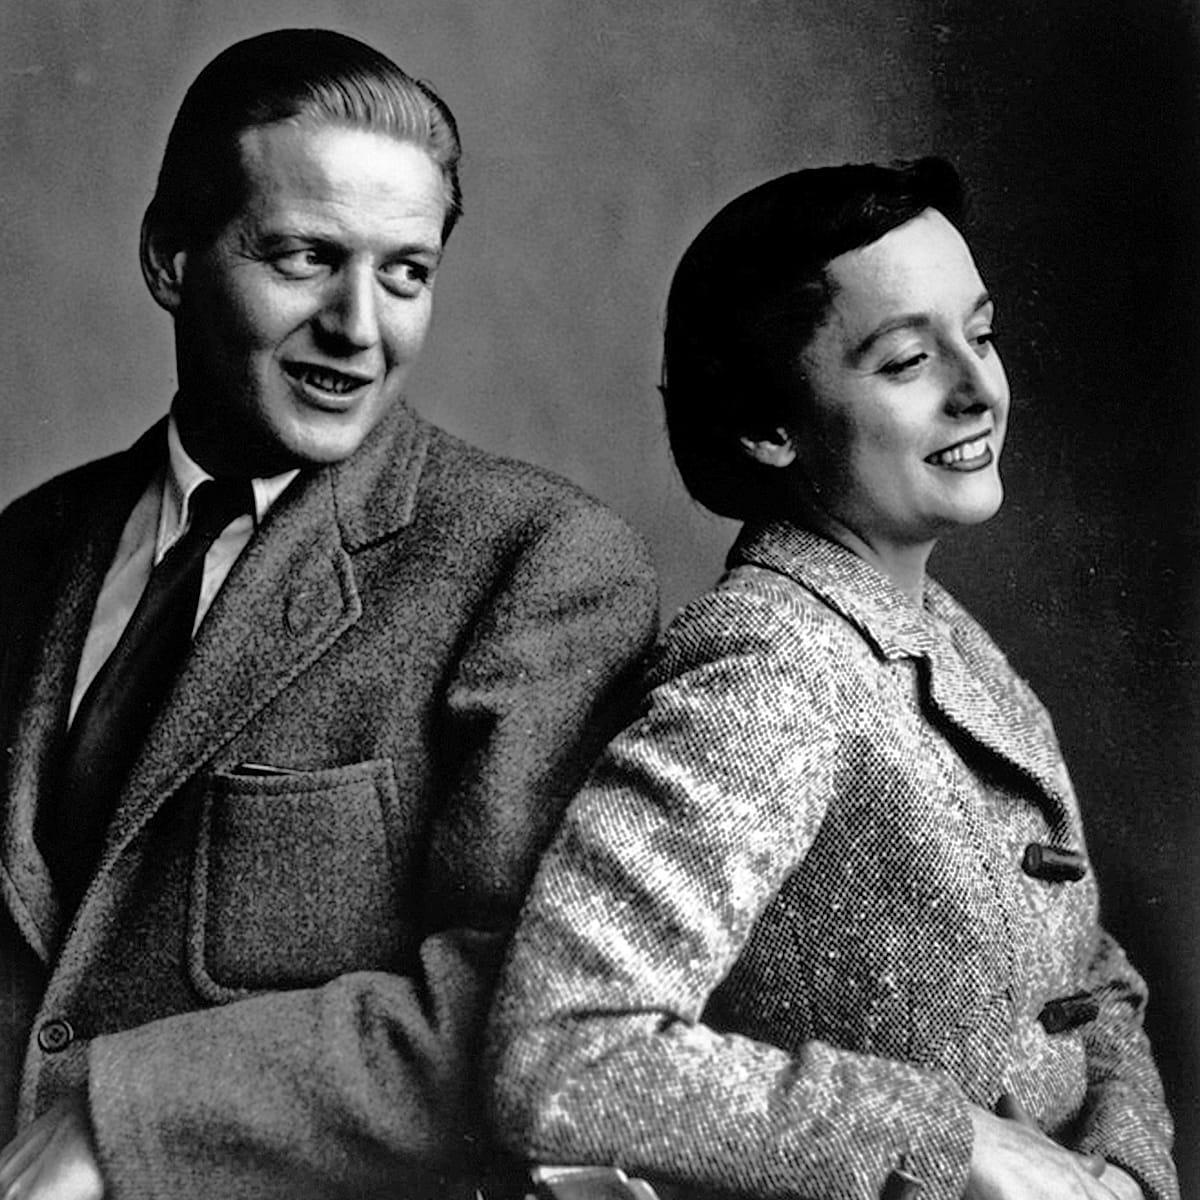 Hans G. Knoll & Florence Knoll, Courtesy of Knoll, Inc.